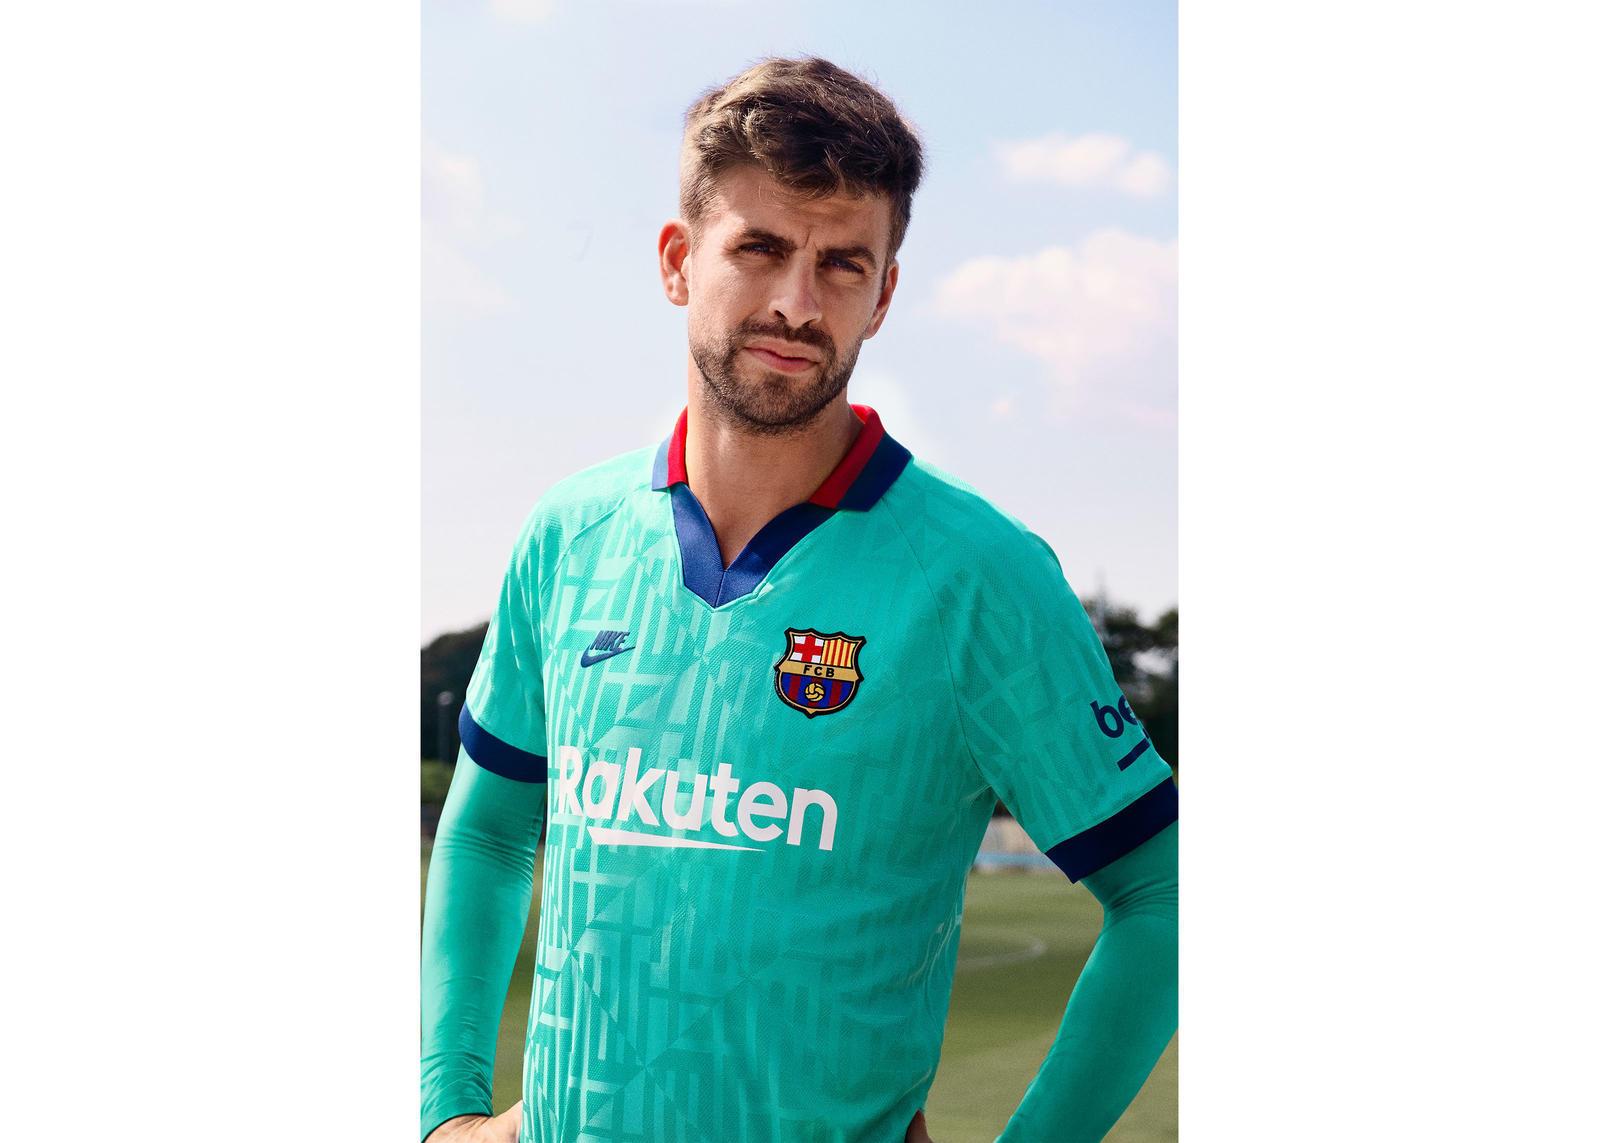 【FCバルセロナ】2019-20シーズンのサードキット クラブの旧ユニフォームを再現